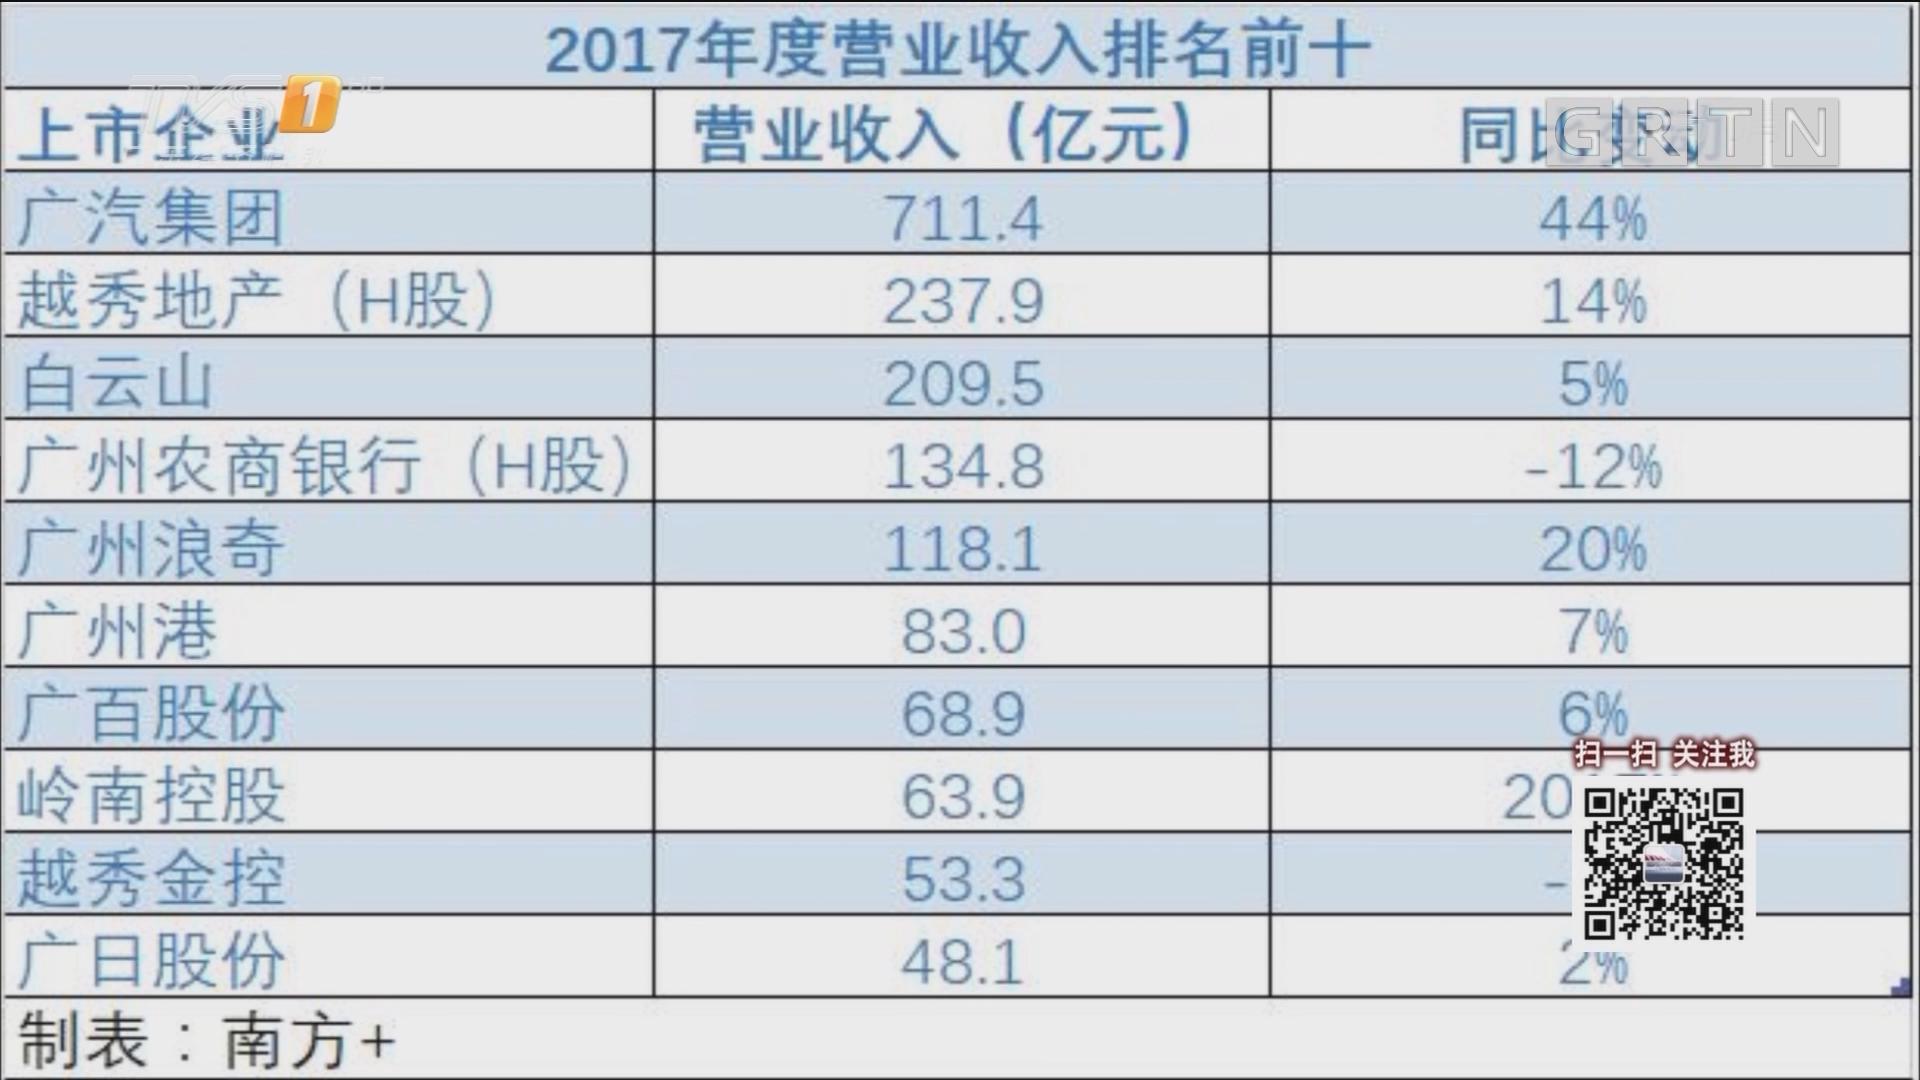 数说新闻:年报带你看广州 国企谁最能赚?谁工资最高?